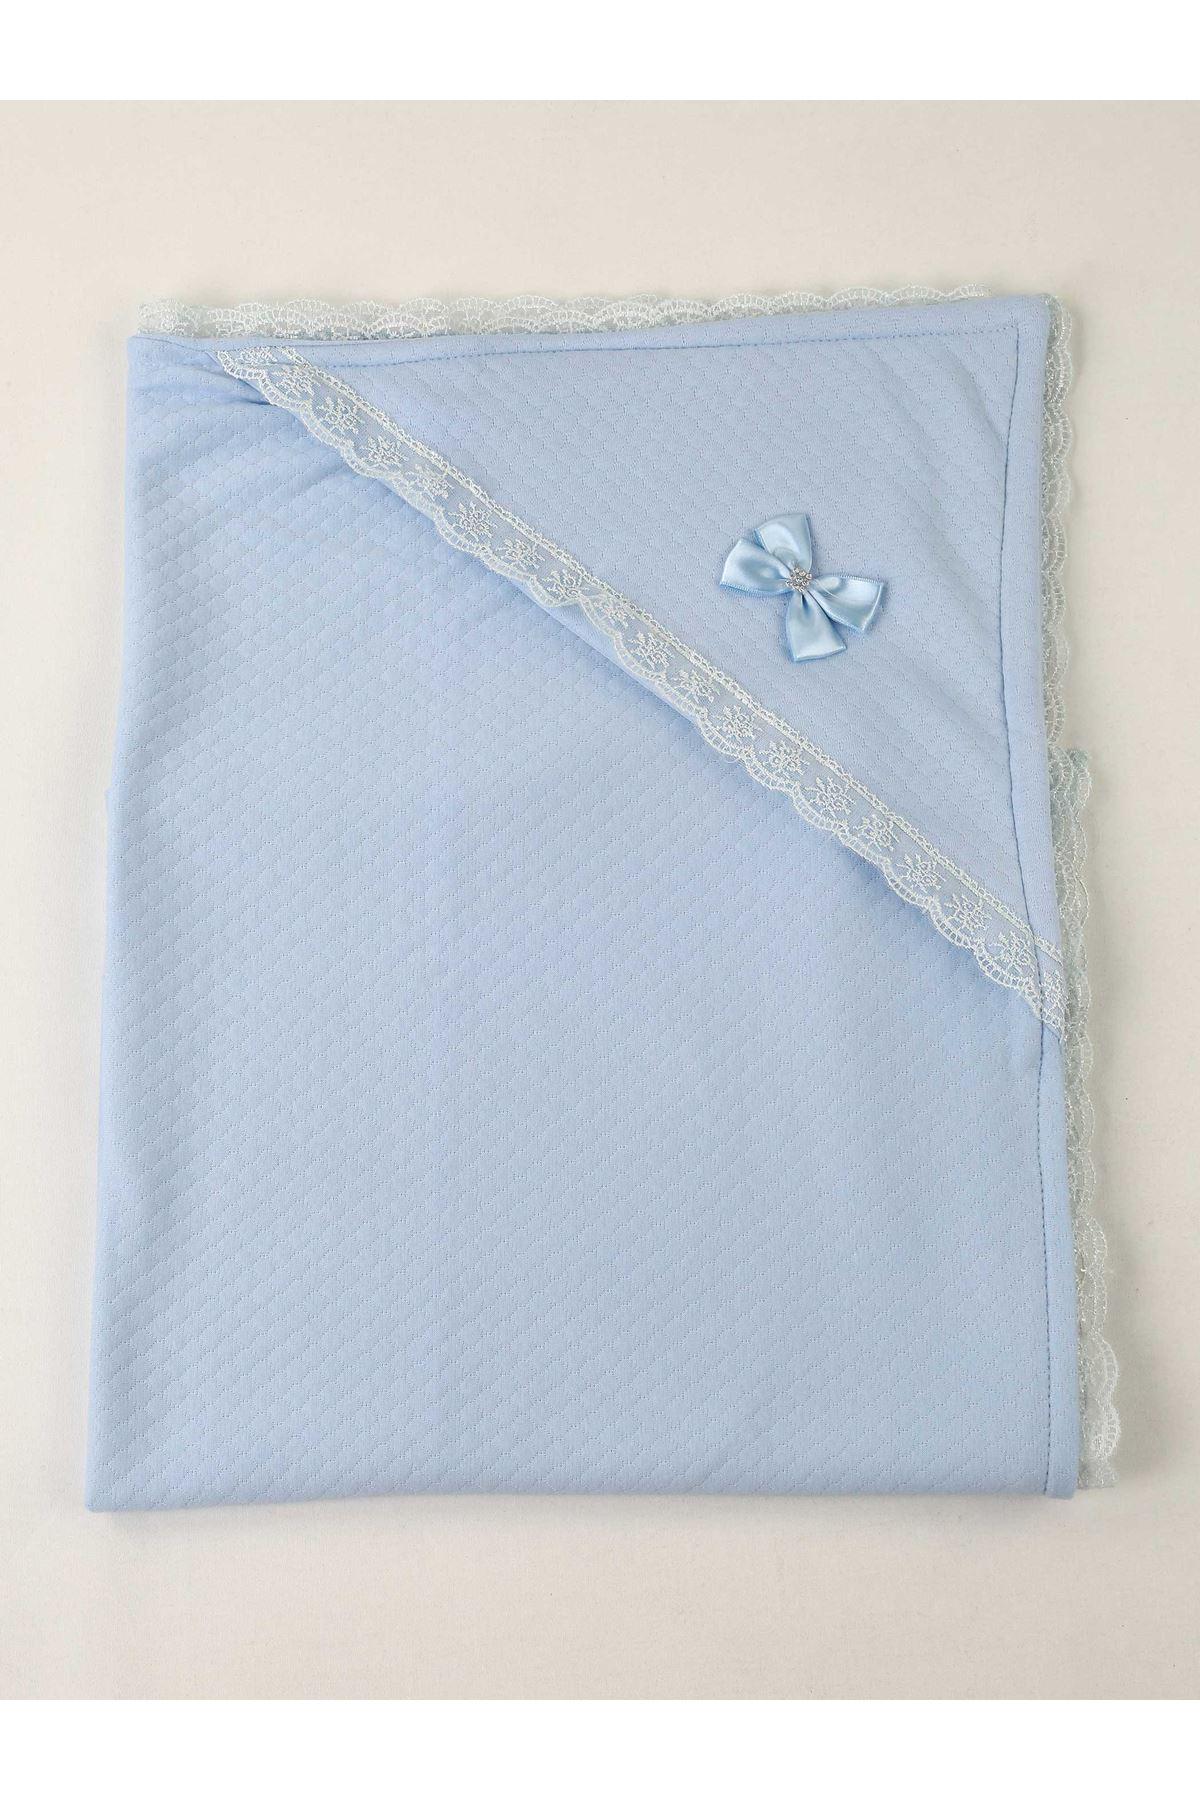 Mavi 85X85 cm  Erkek Bebek Kundak Battaniye